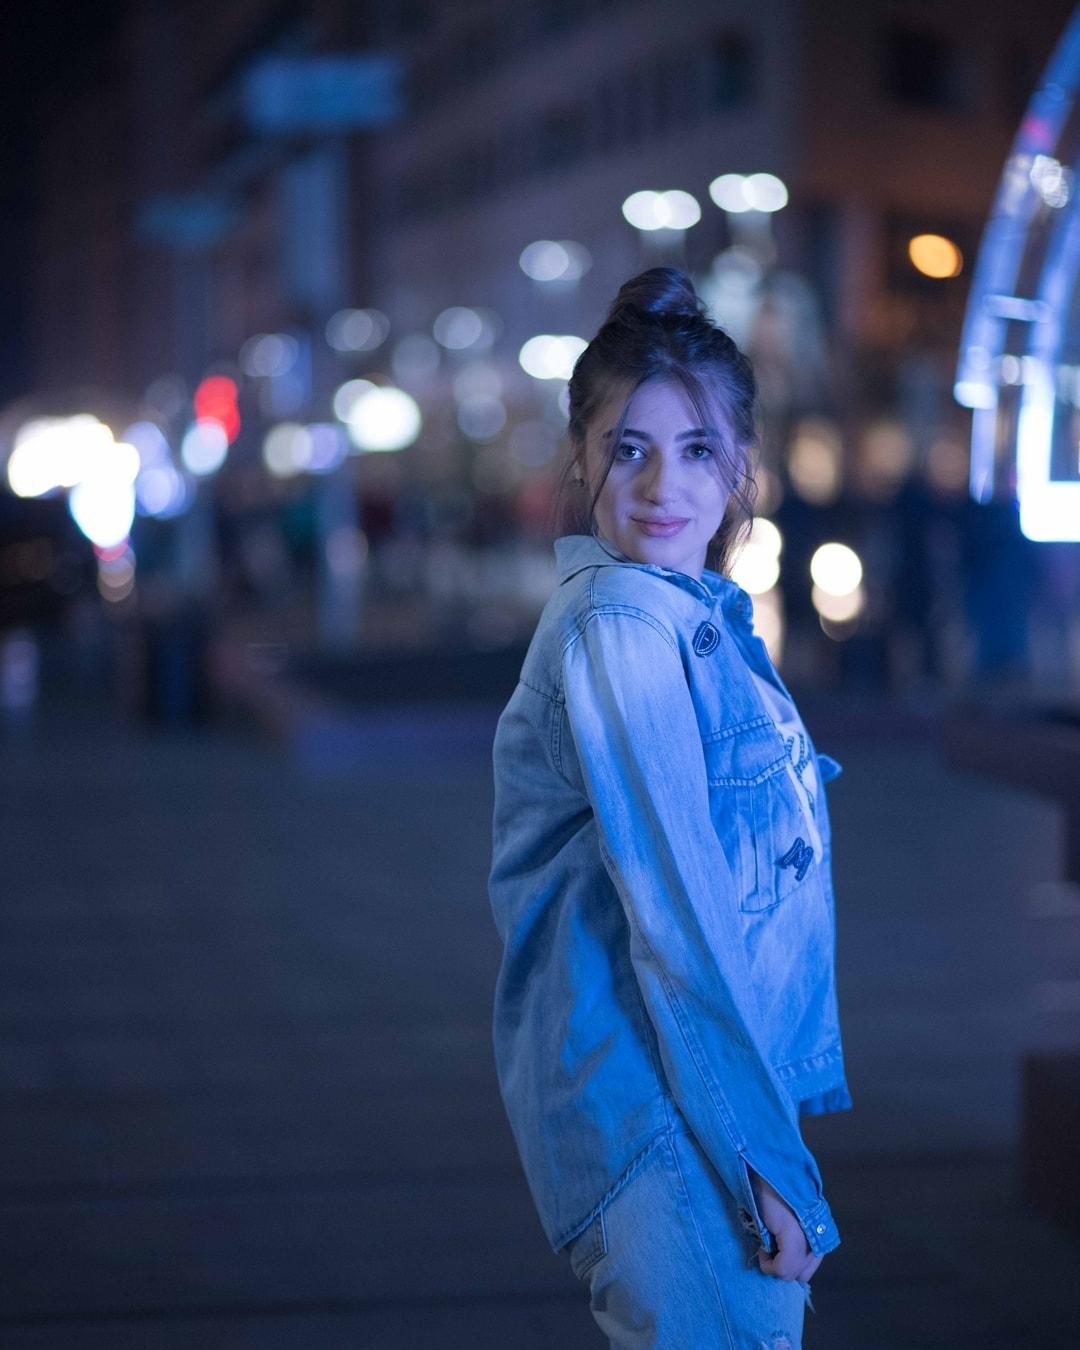 As 10 principais tendências da moda adolescente para 2020: moda prática para adolescentes 2020